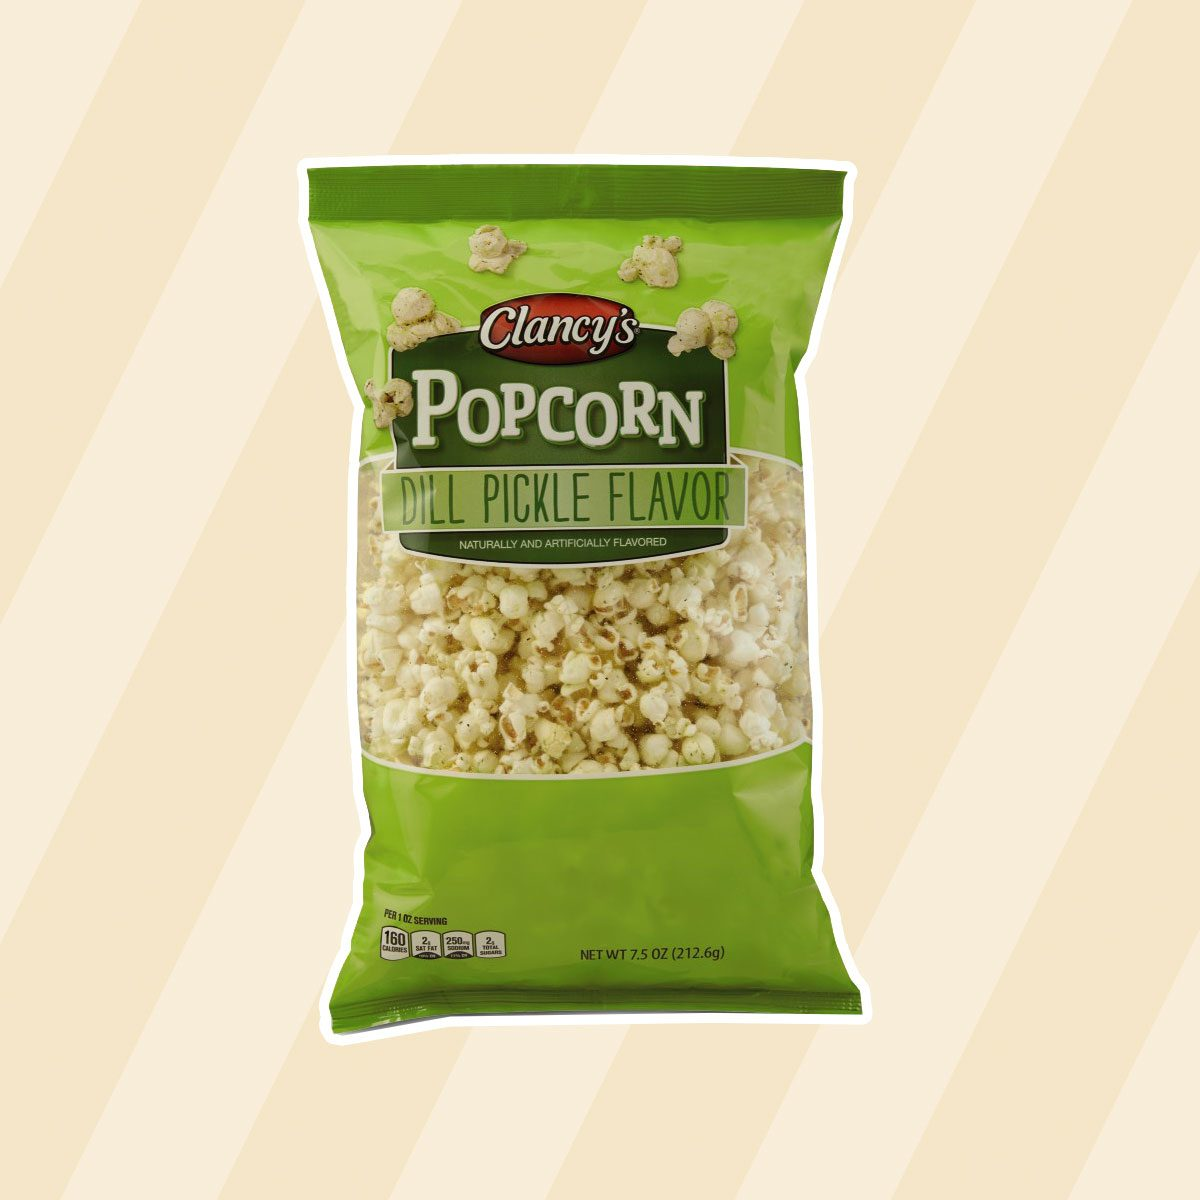 Clancy's Dill Pickle Popcorn aldi finds